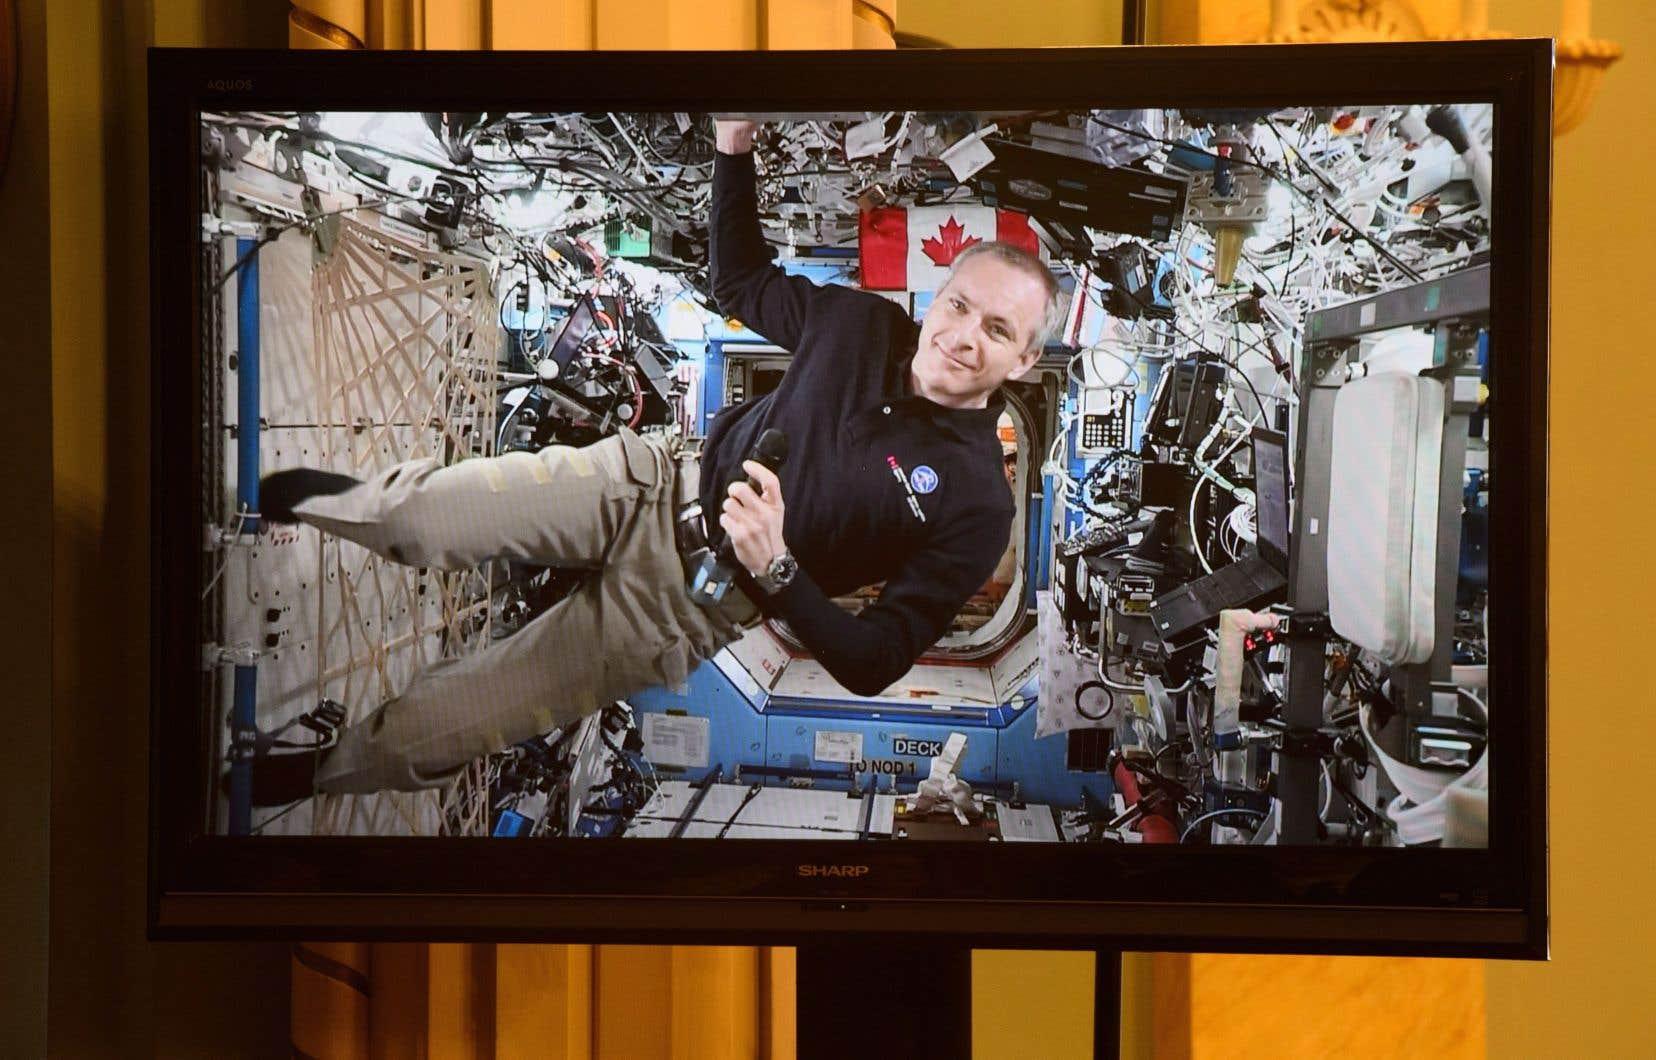 Une retransmission vidéo de la sortie de David Saint-Jacques et d'Anne McClain sera diffusée sur la chaîne YouTube de l'Agence spatiale canadienne dès 6h30.